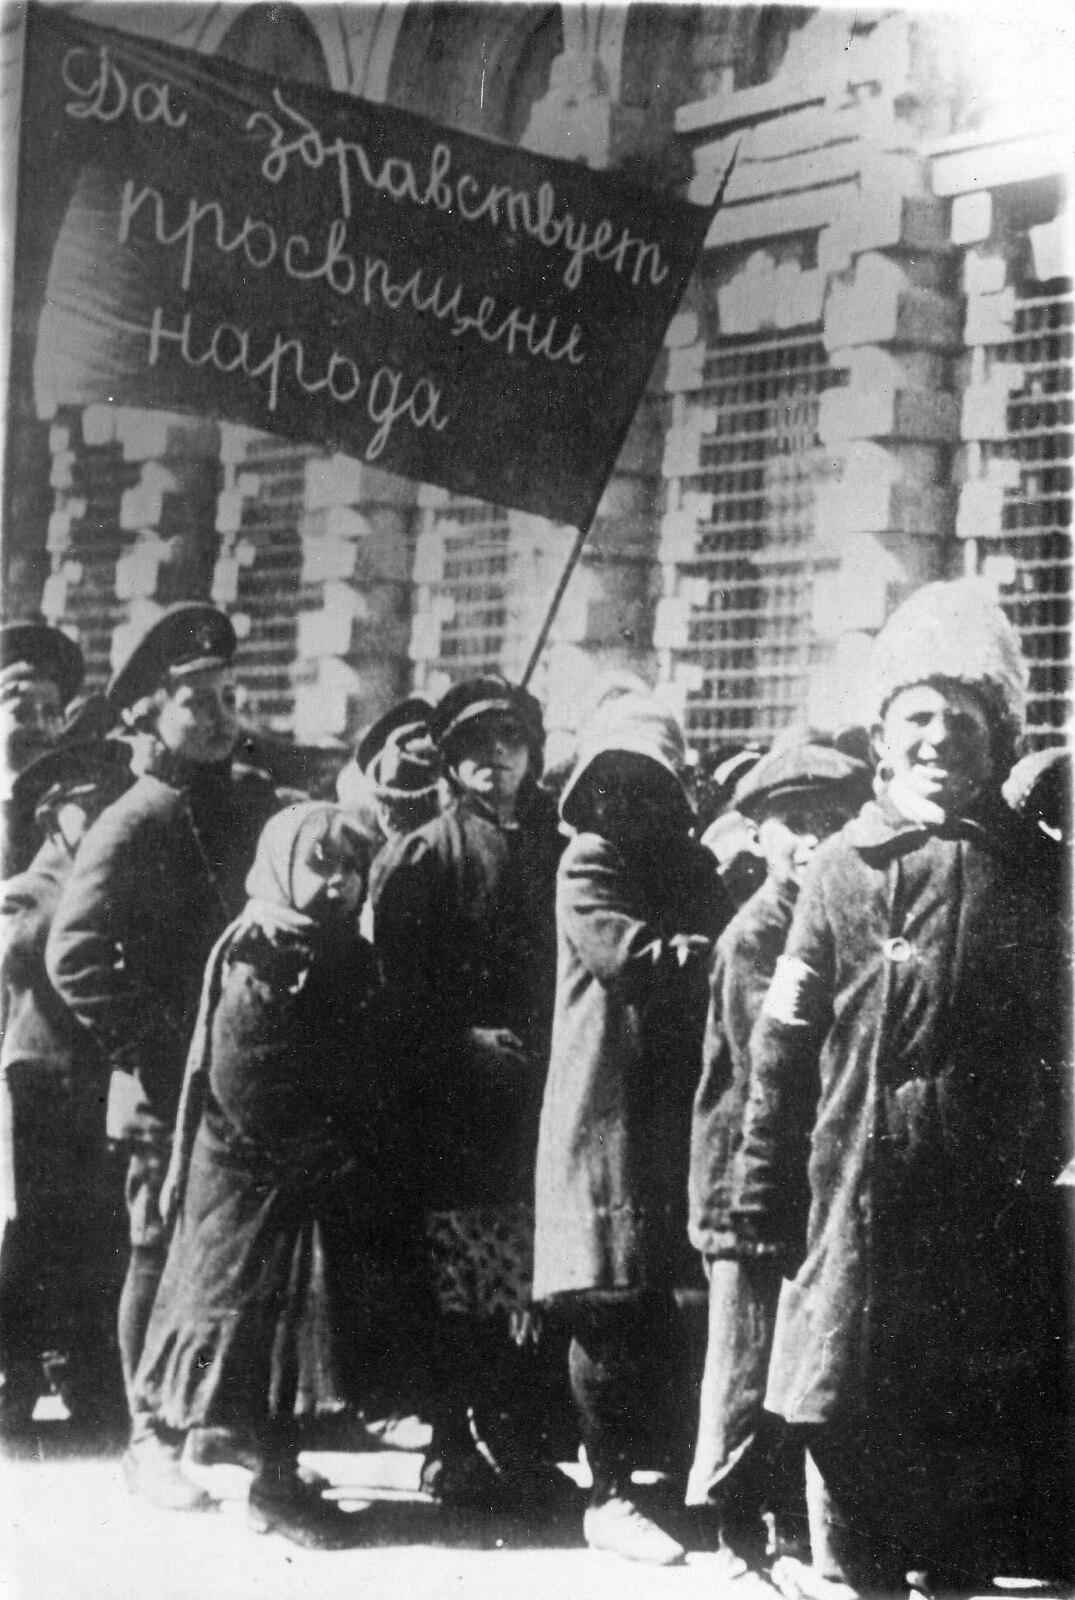 48. Дети на демонстрации под лозунгом «Да здравствует просвещение народа!»